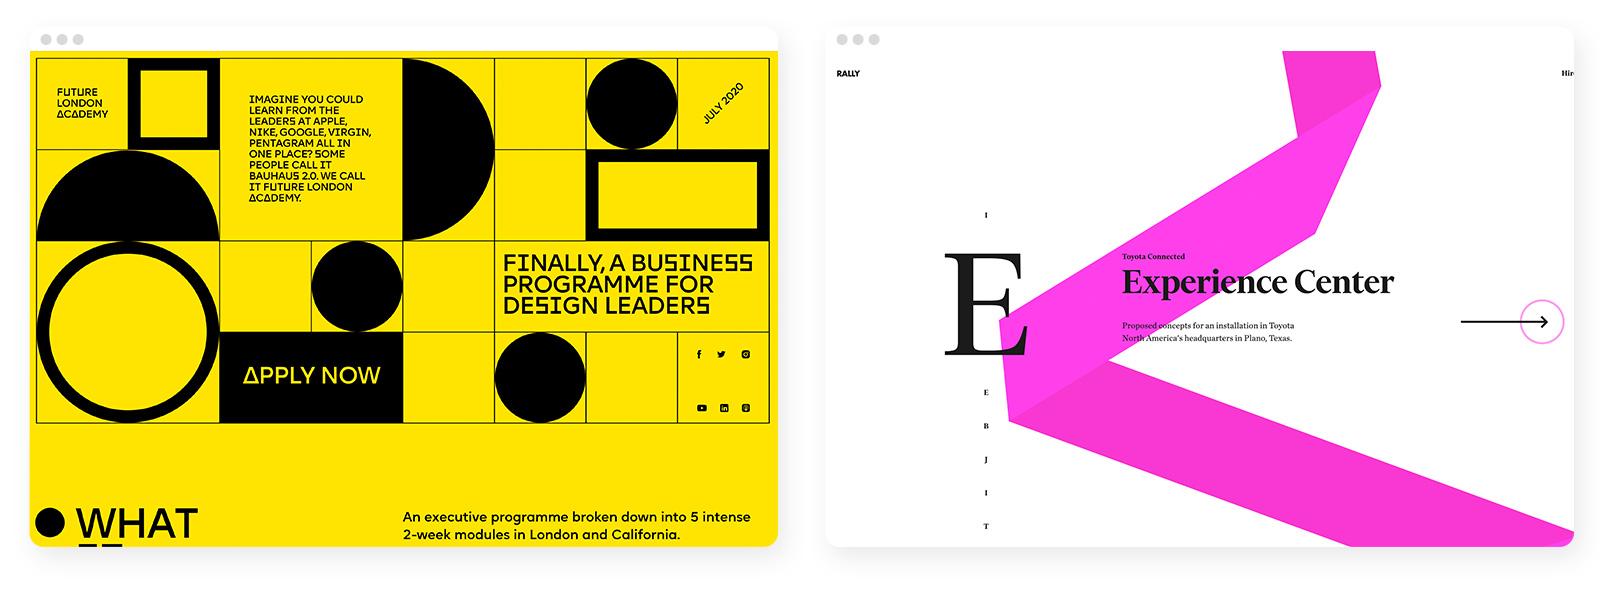 43 wichtige und aktuelle Webdesign-Trends im Überblick 5